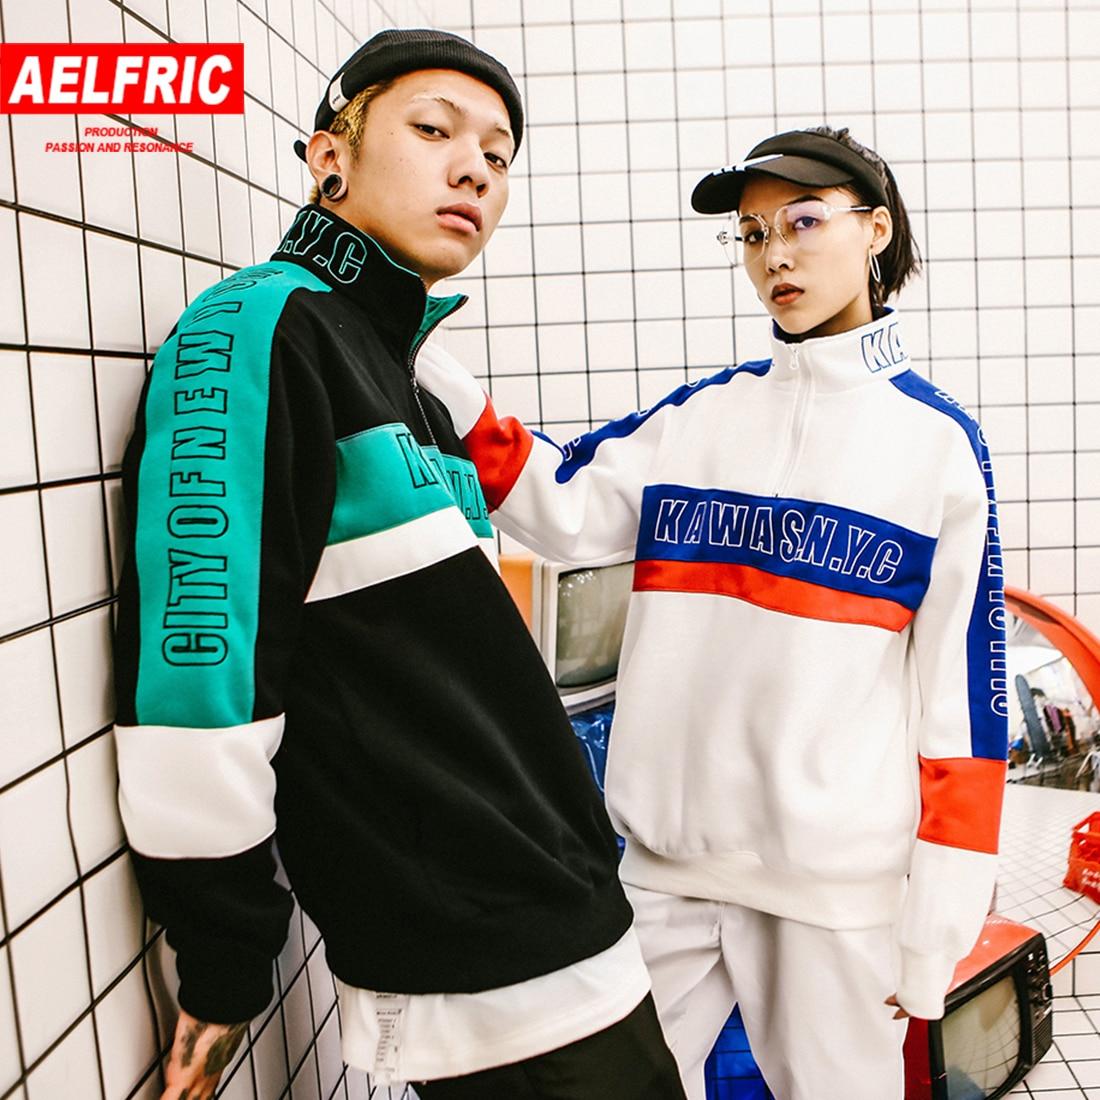 Aelfric Hip Hop à capuche col roulé Patchwork Sweatshirts femmes survêtement couleur bloc demi fermeture éclair broderie polaire pull KJ328